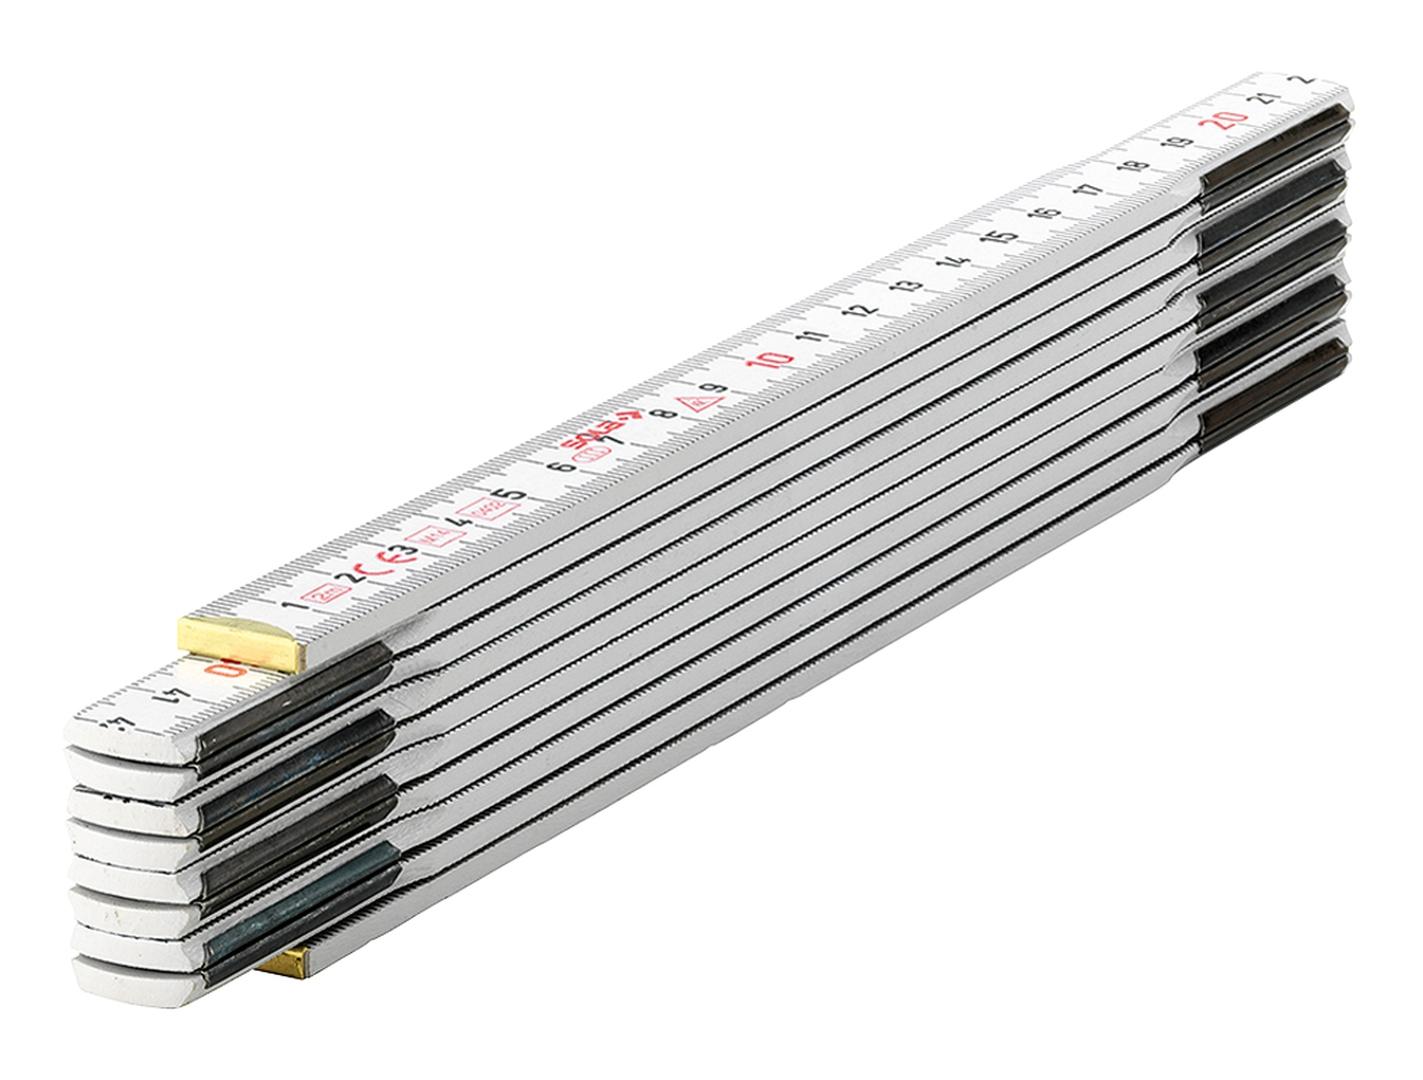 SOLA Holz-Meterstab HW 2/10, weiß, EG-Klasse 3, 2 m